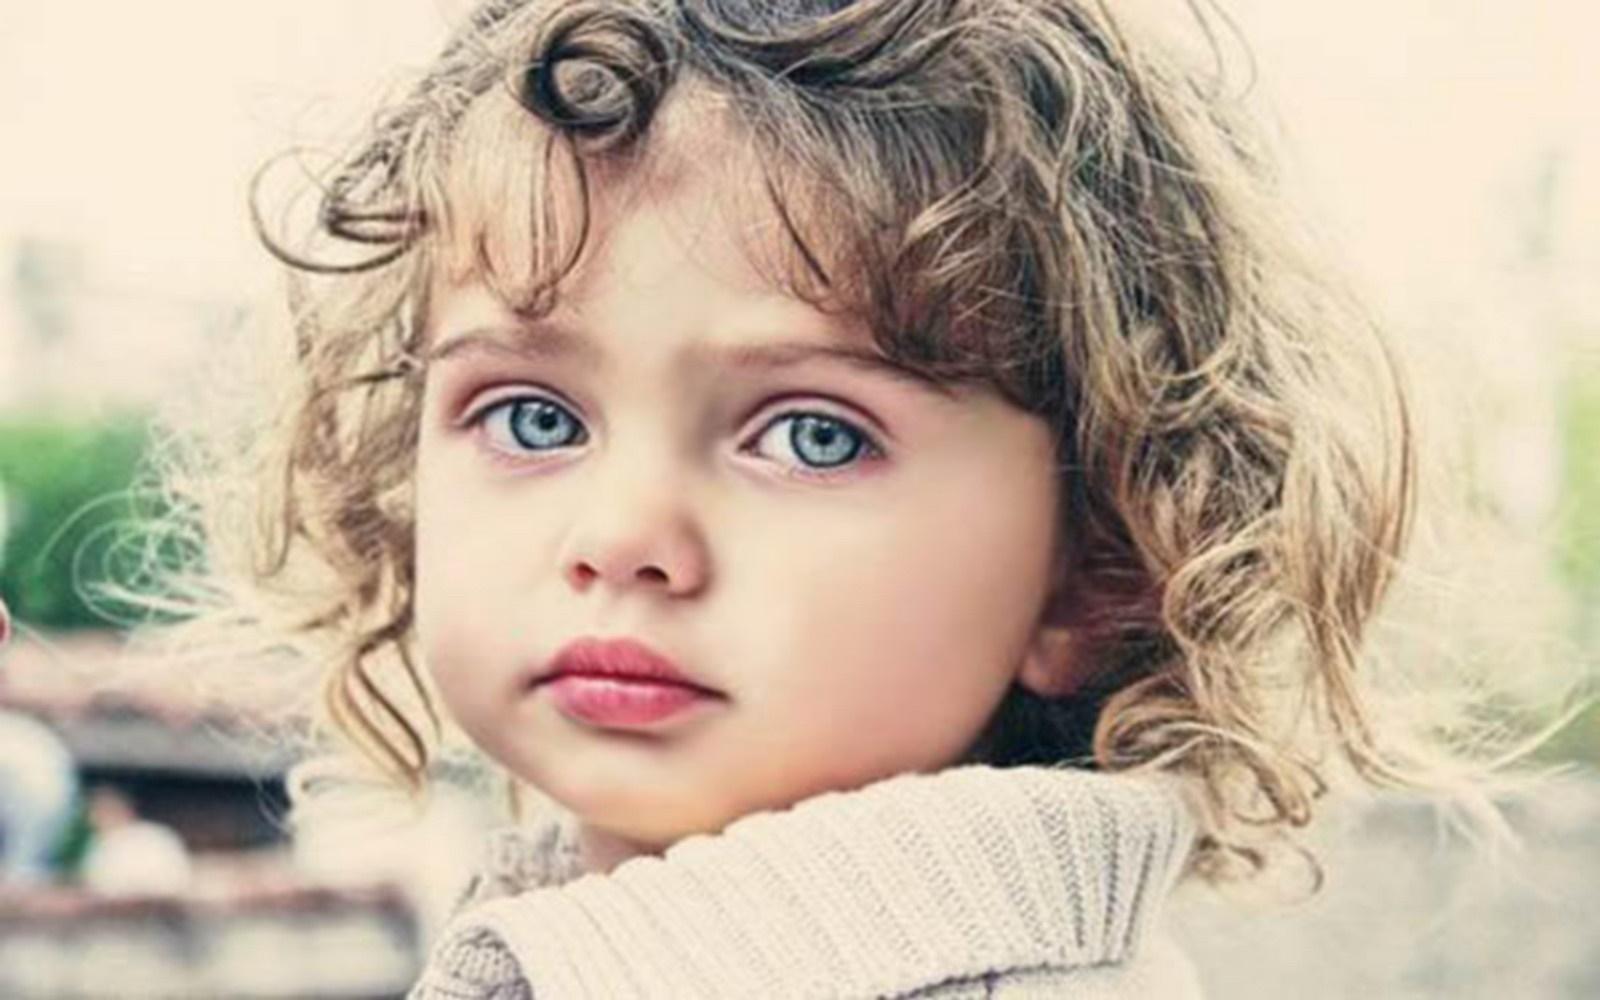 بالصور بنات اطفال , الاطفال وجمال البنت الصغيره 5418 4